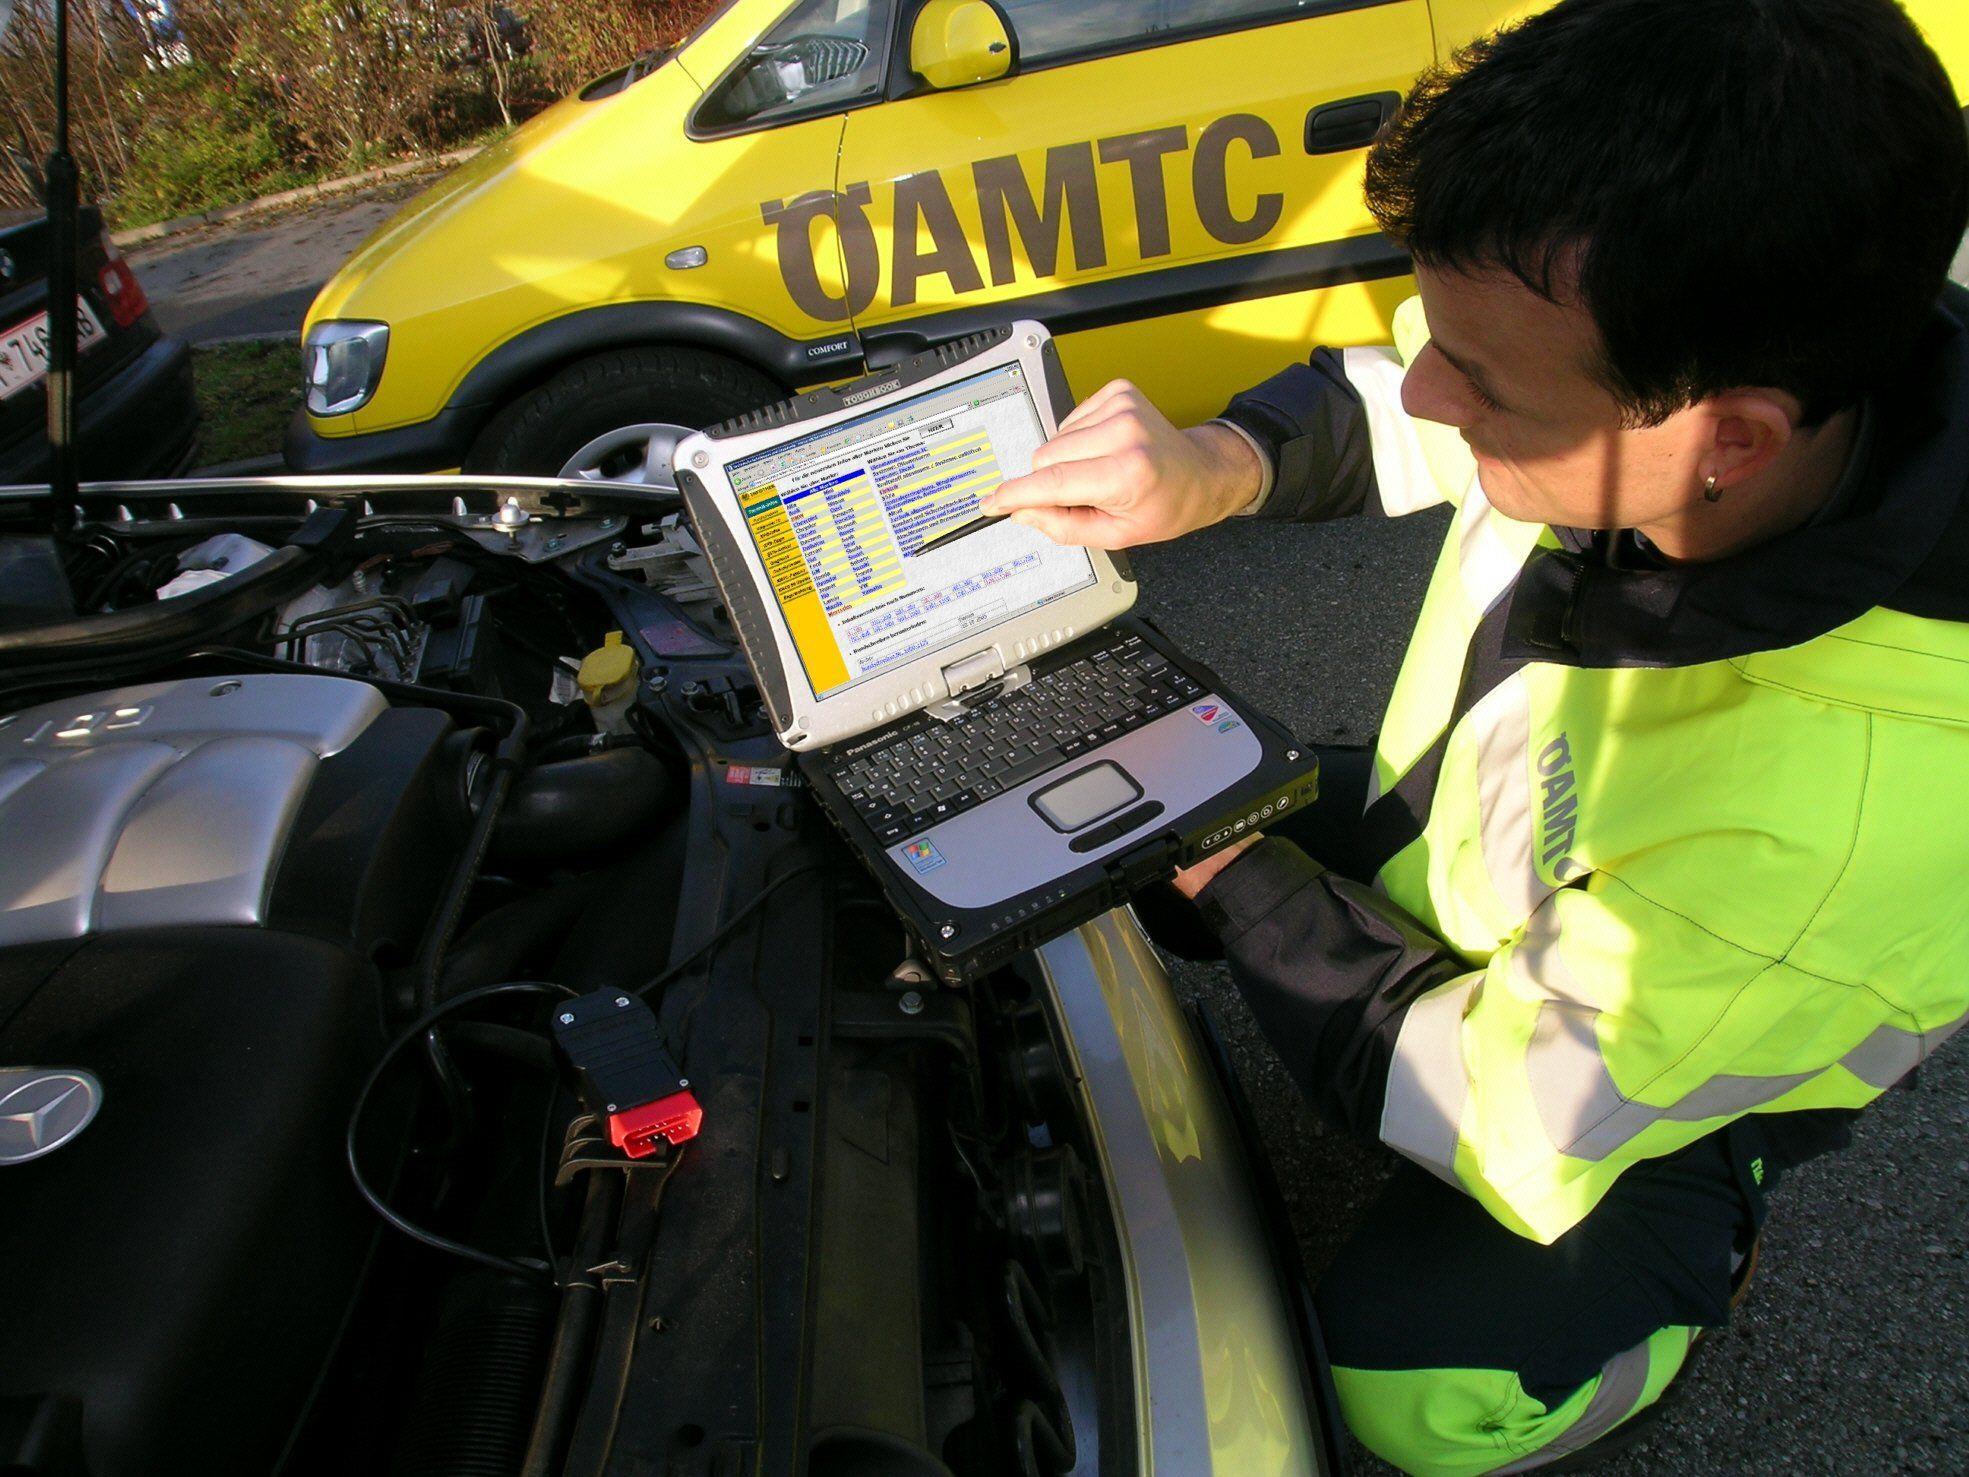 ÖAMTC-Pannenhilfe im Sommer 2015: Spitzenreiter Wien vor Niederösterreich und Oberösterreich